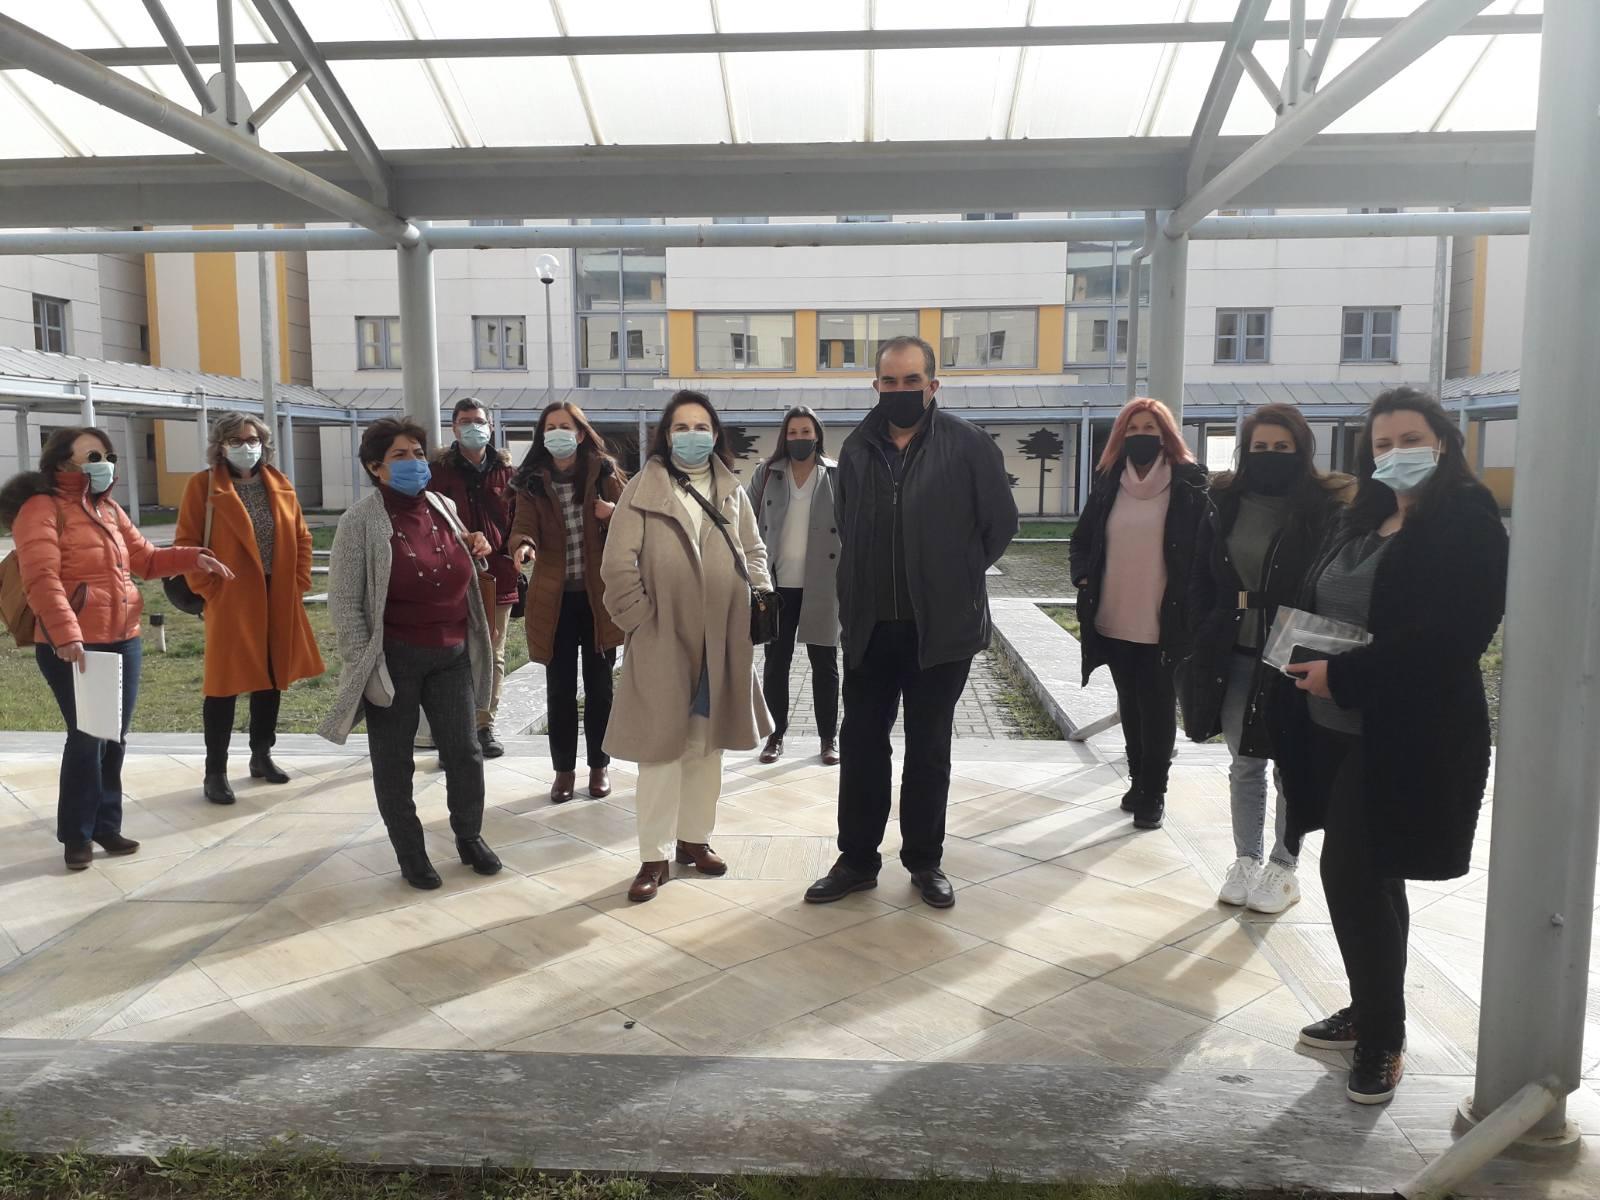 Παράσταση διαμαρτυρίας από τον Σύλλογο Δασκάλων Νηπιαγωγών Γρεβενών για το ωράριο αποχώρησης των νηπίων – προνηπίων